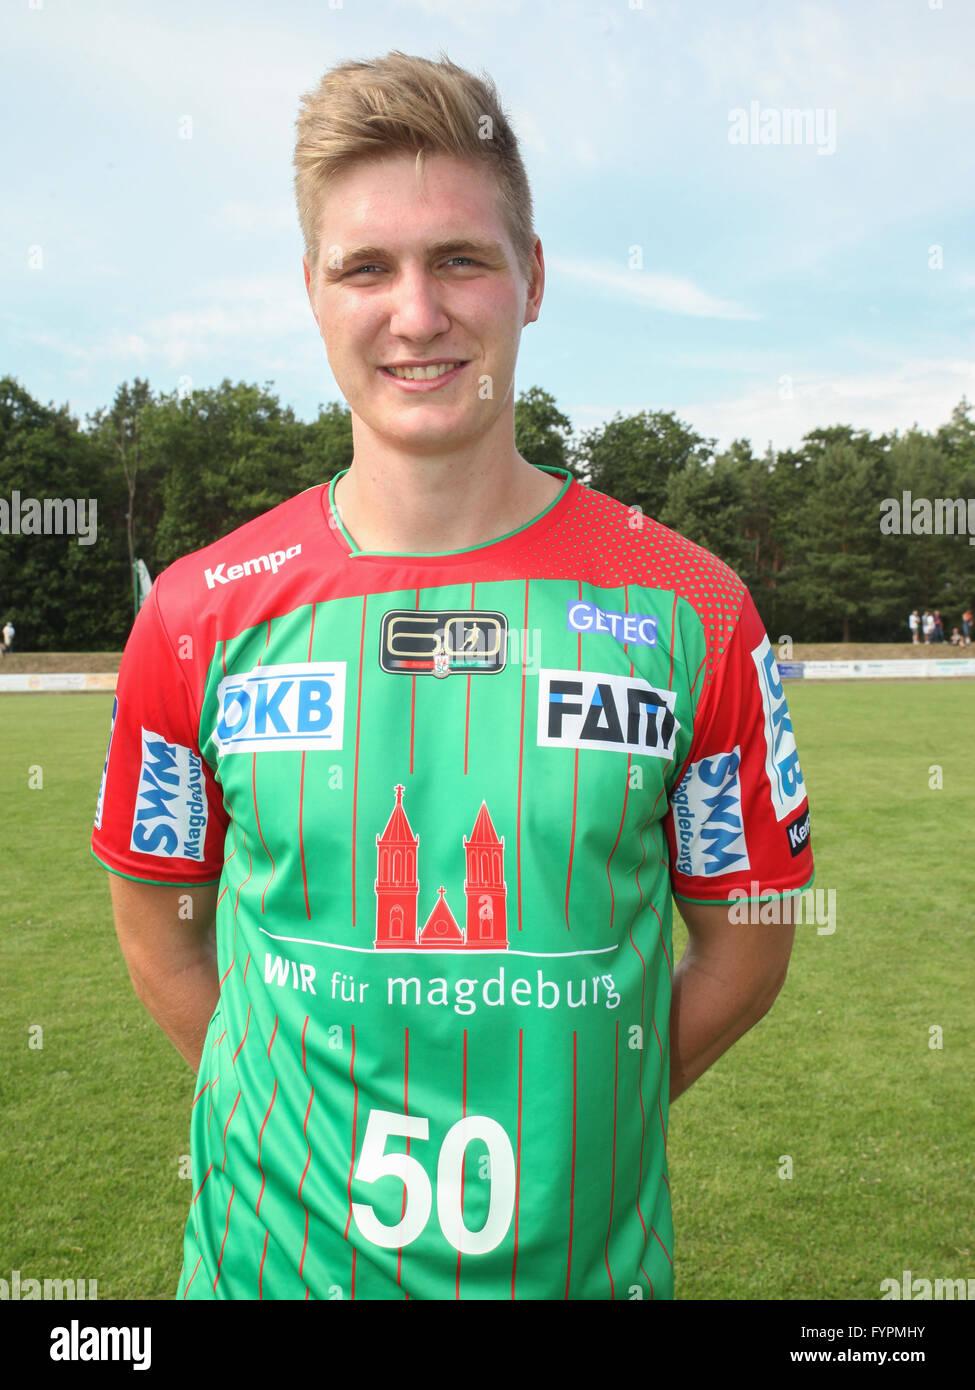 Finn Lemke (SC Magdeburg) - Stock Image